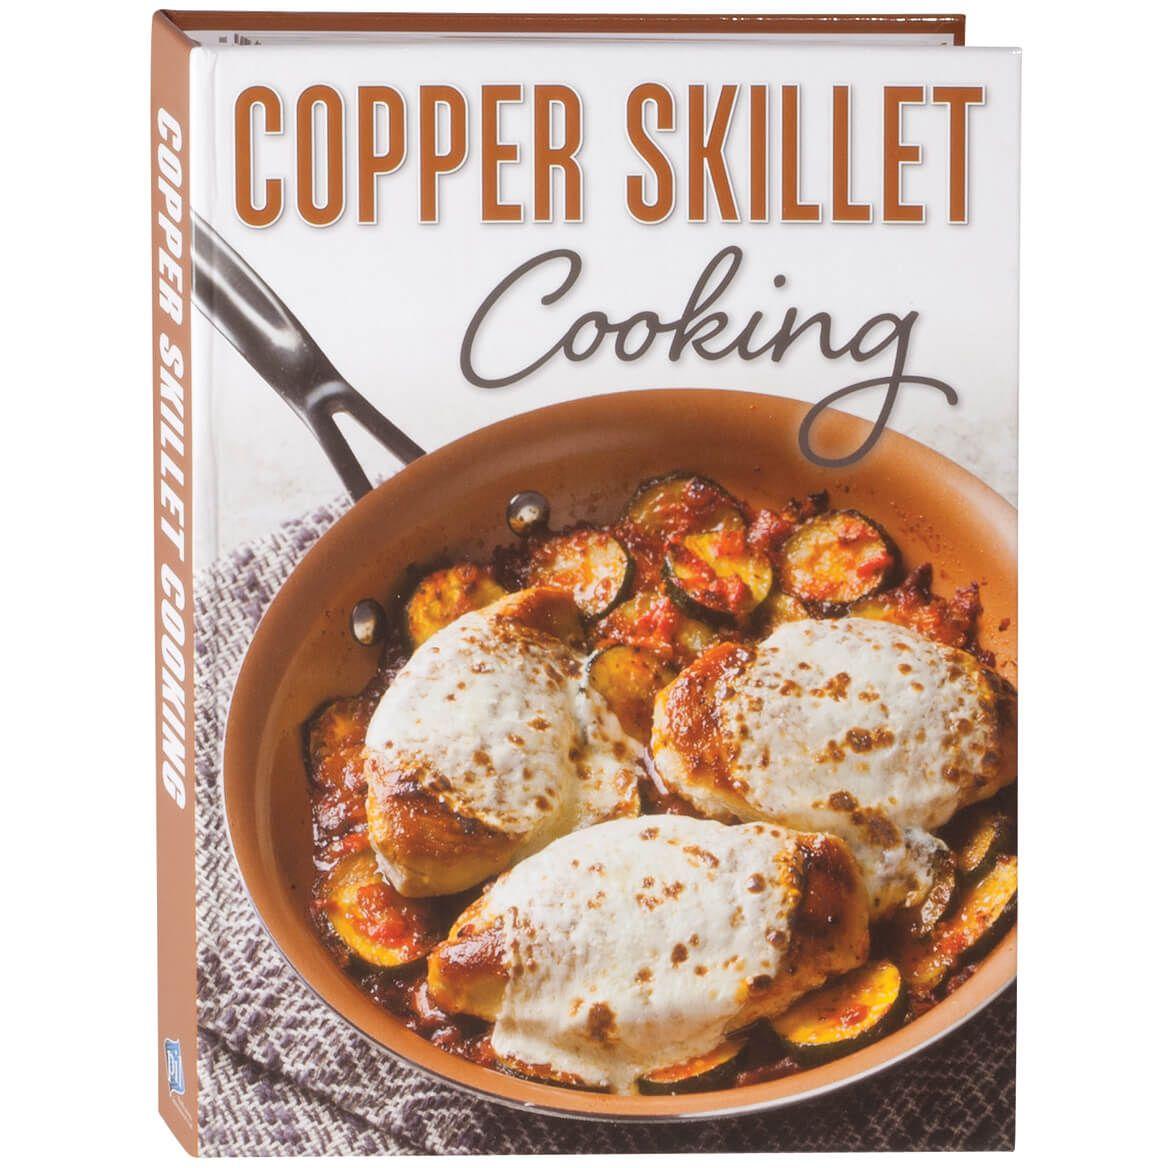 Copper Skillet Cooking Cookbook-360021